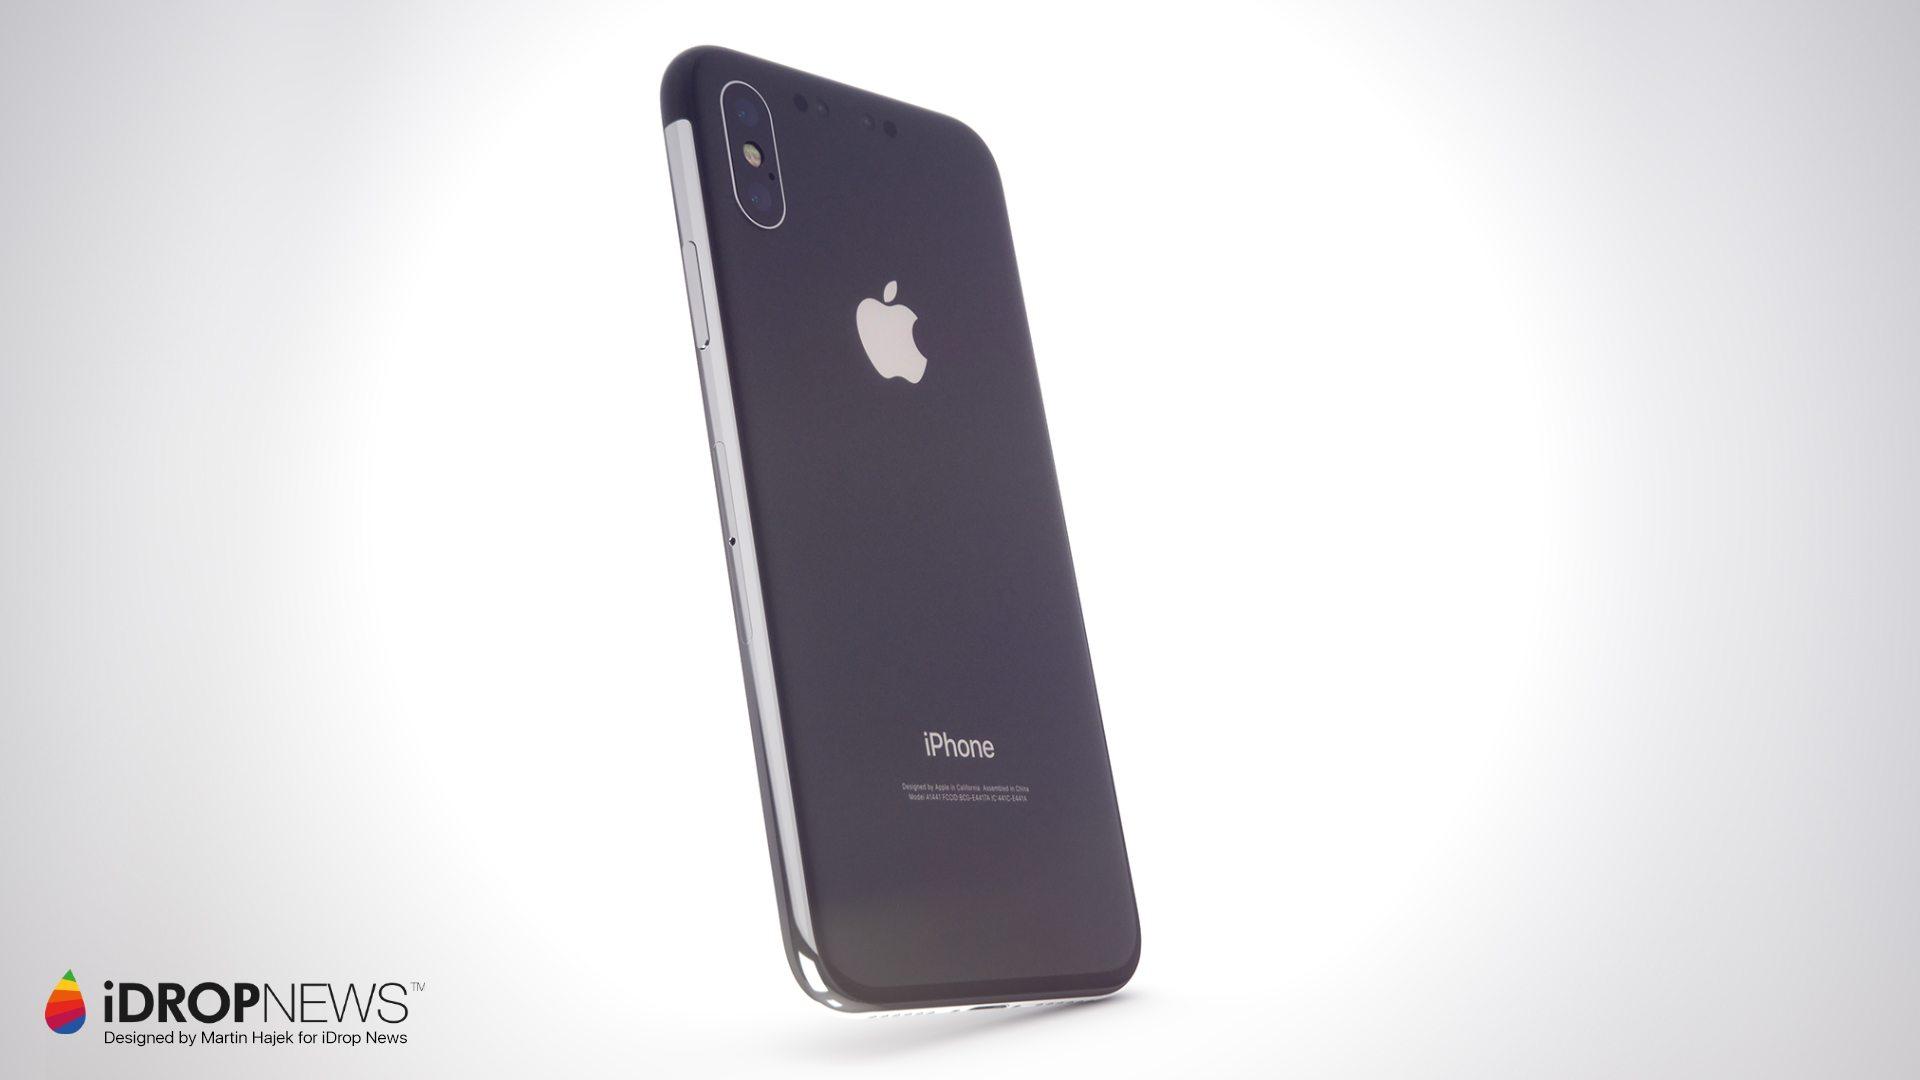 iPhone-XI-Concept-Images-iDrop-News-5